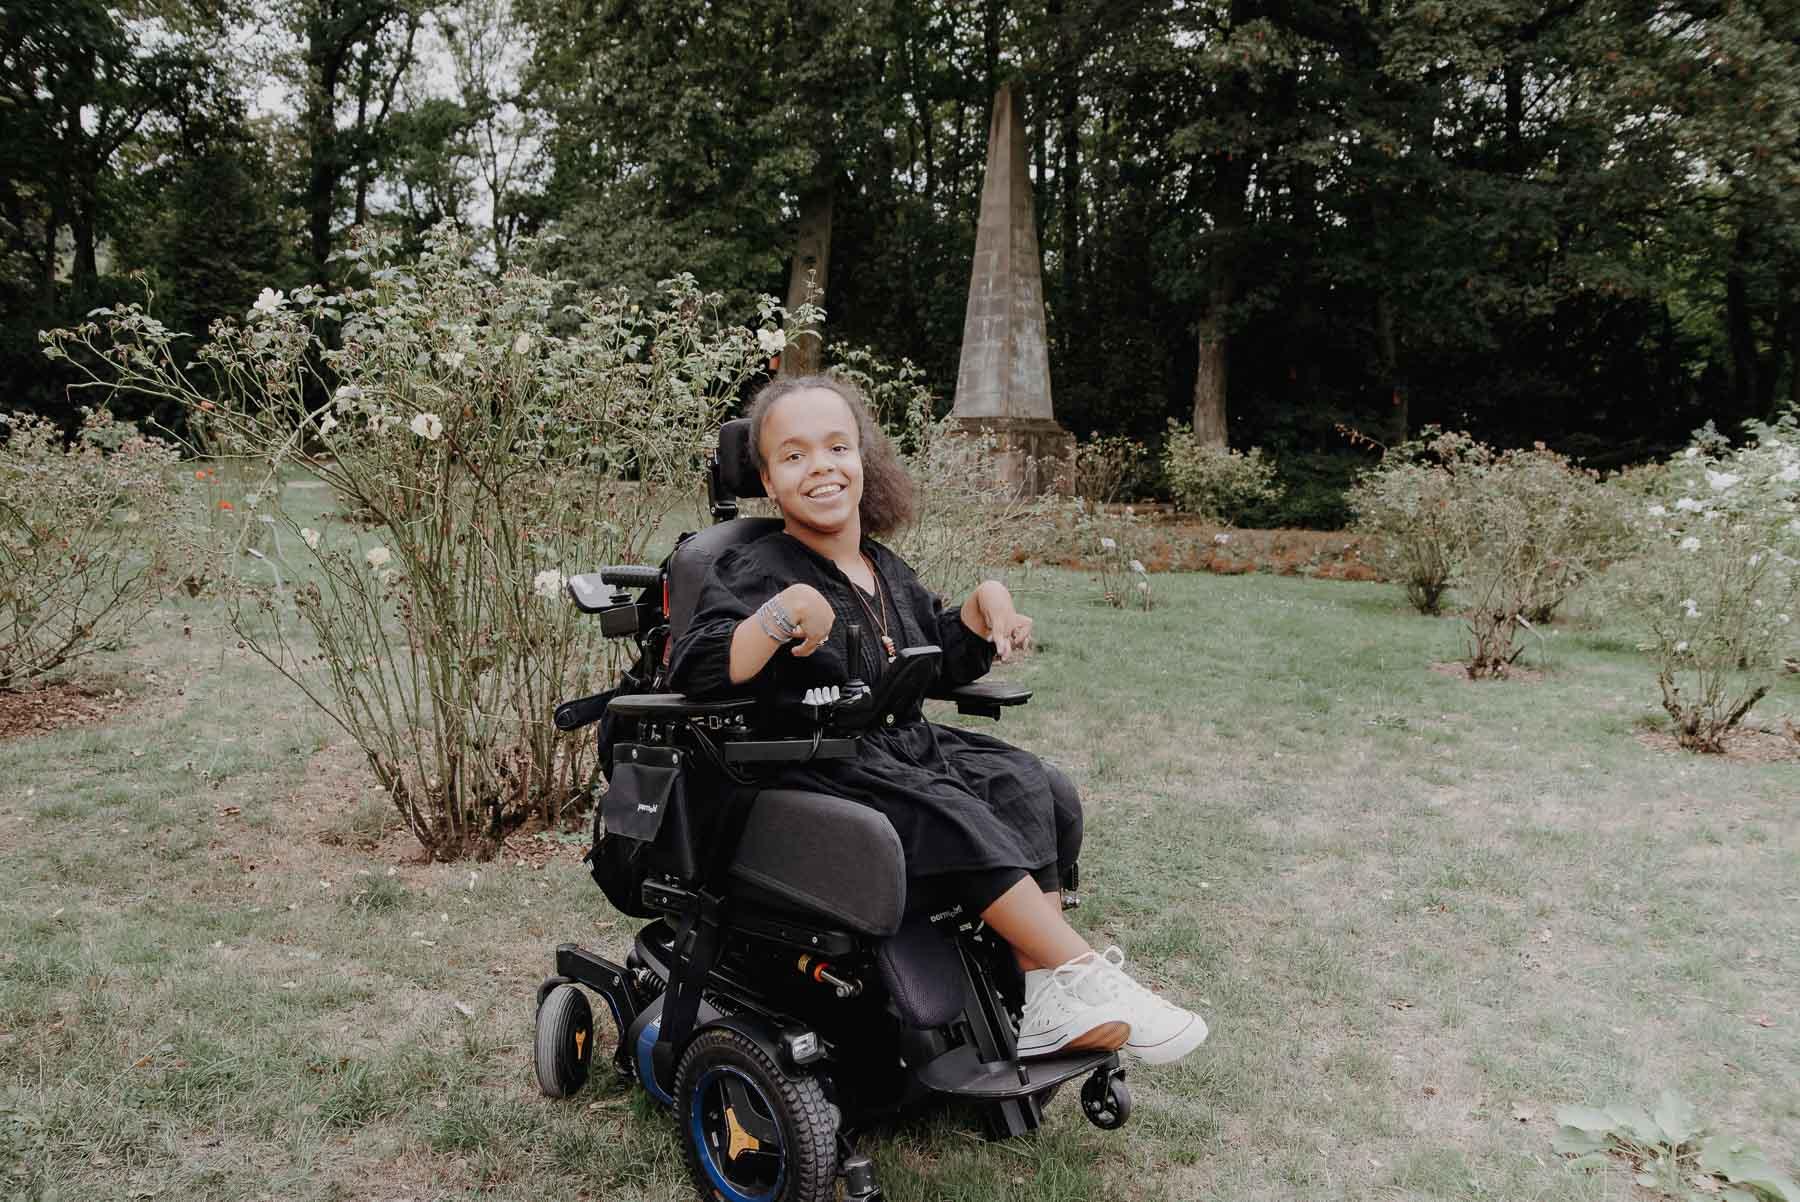 Trier-Rollstuhl-Portrait-Fotoshooting_10